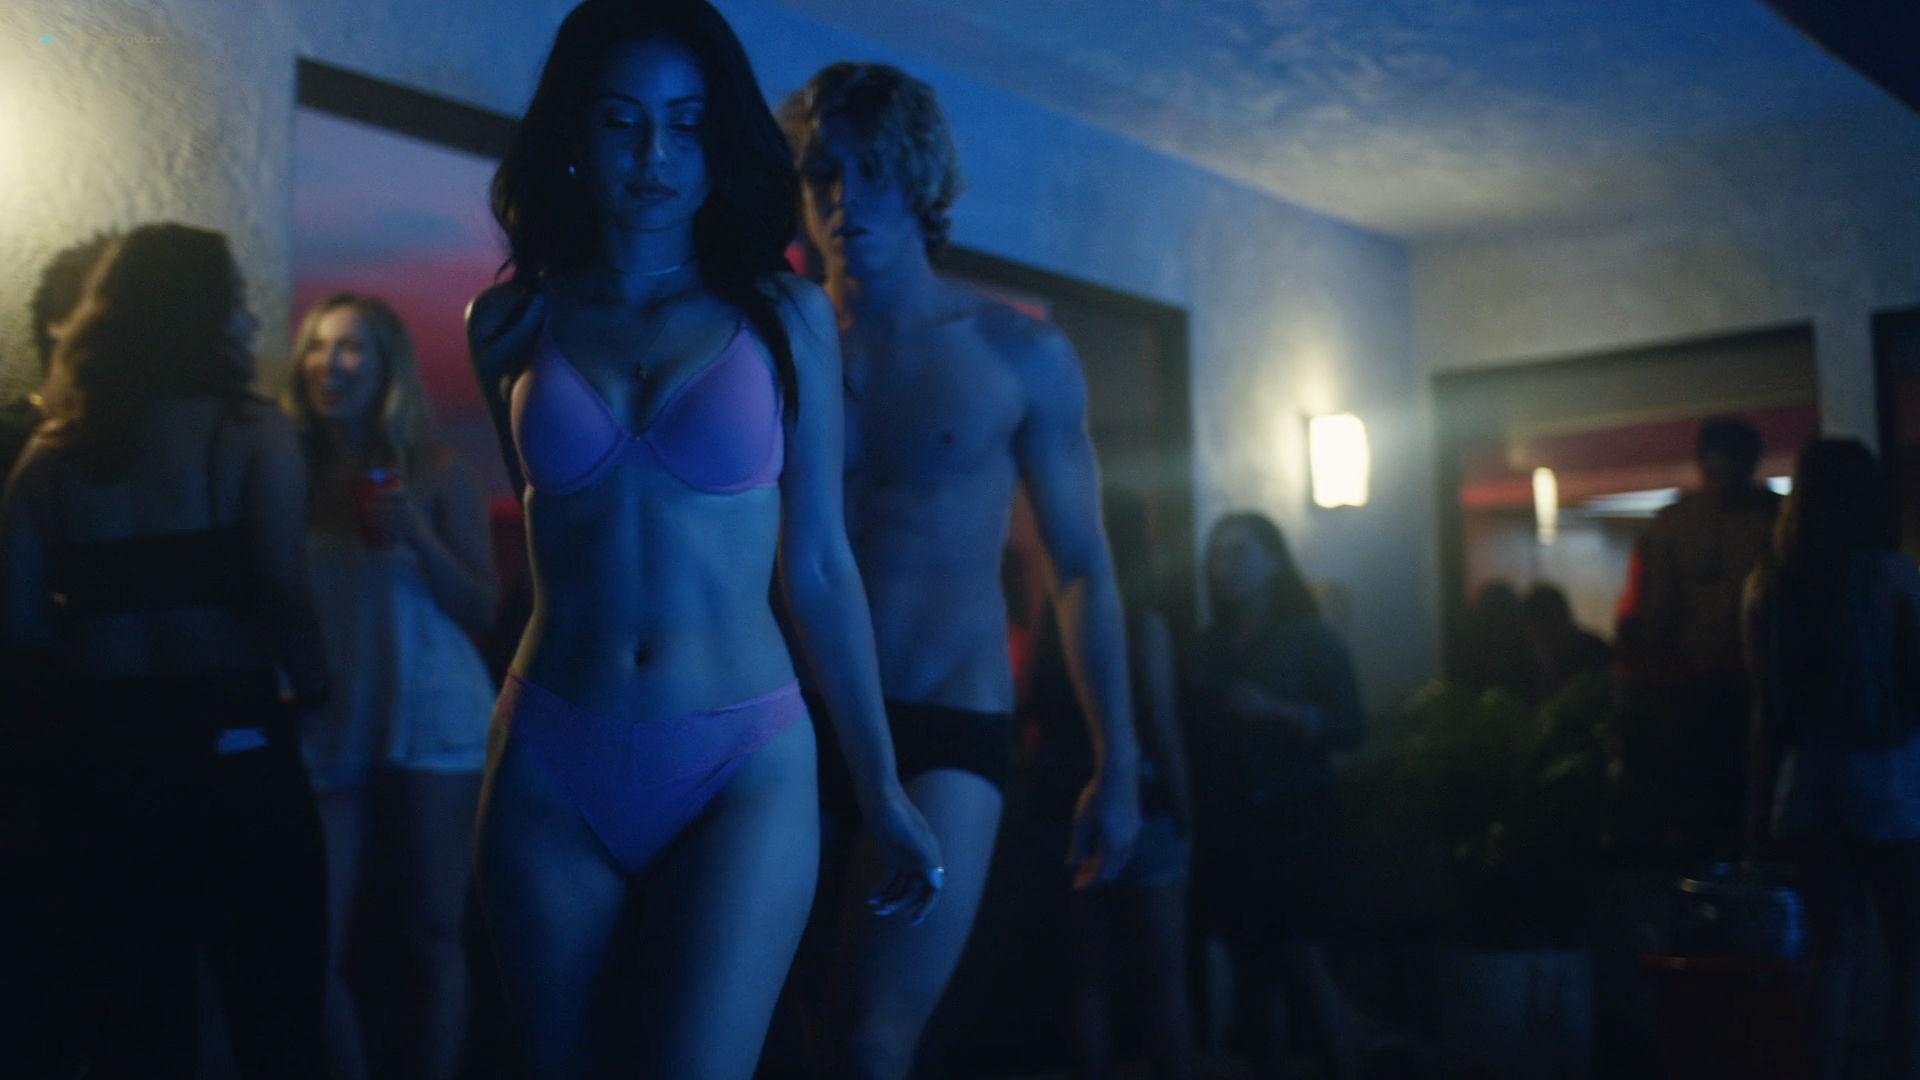 Sydney Sweeney nude sex Alexa Demie topless - Euphoria (2019) HD1080p (12)